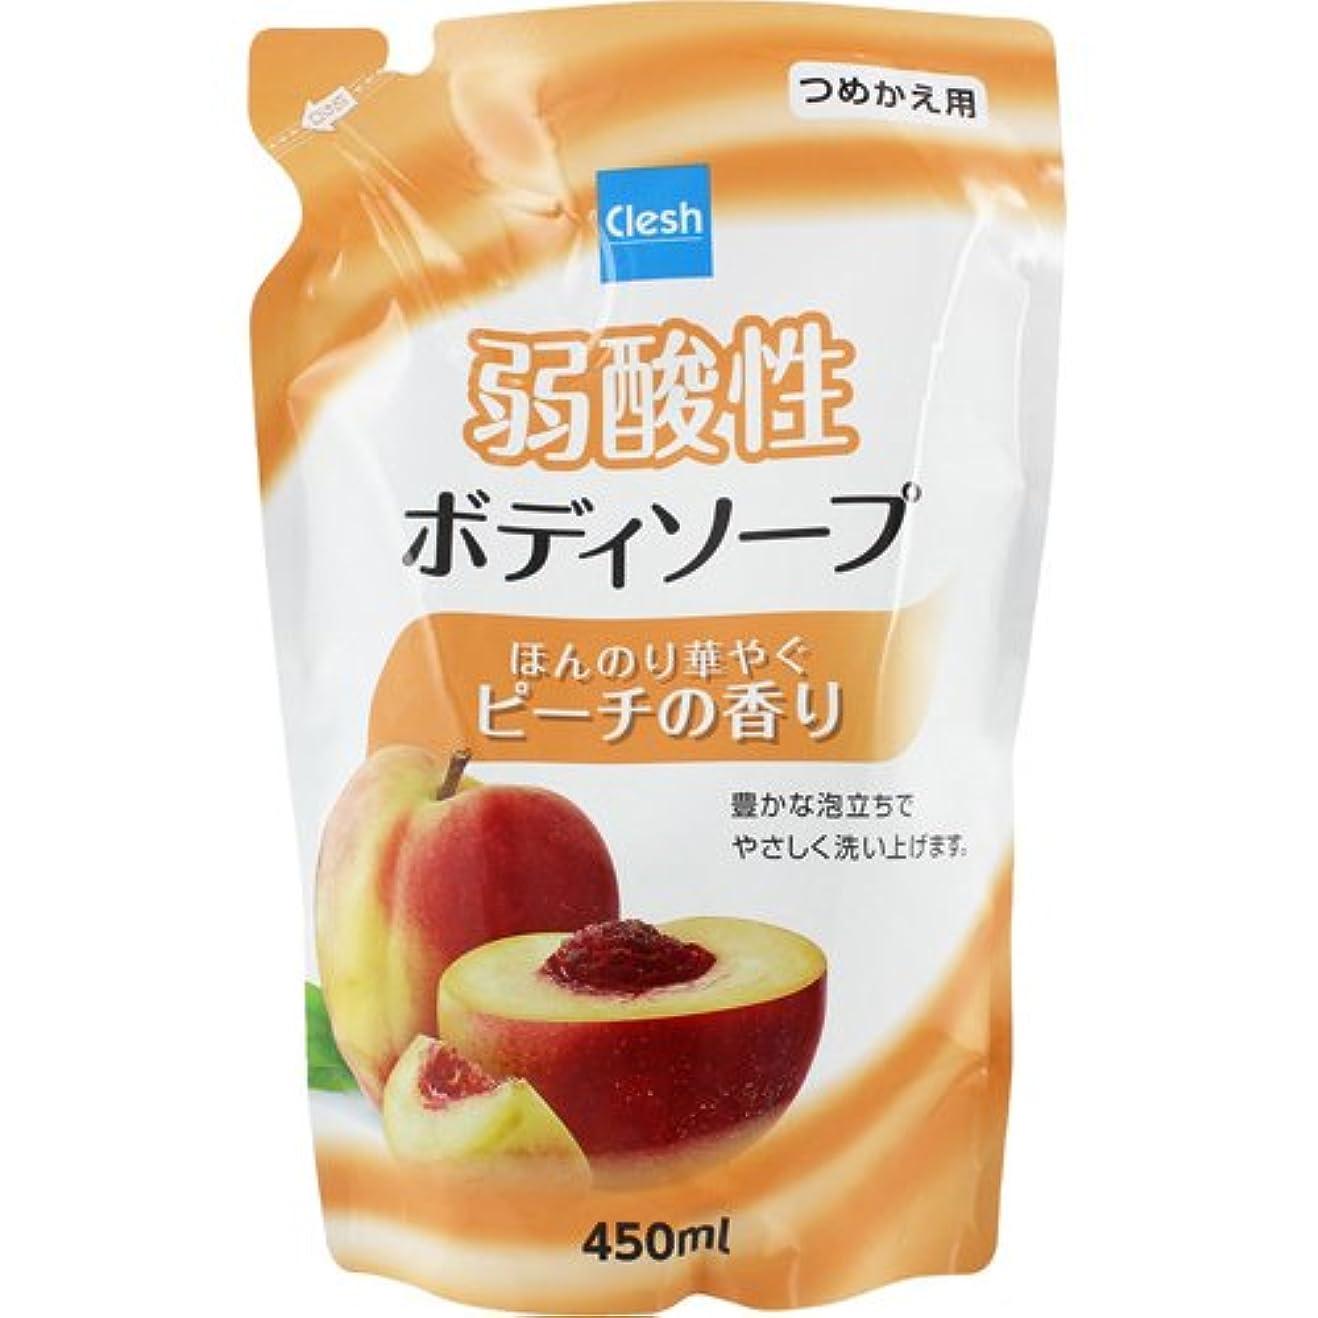 Clesh(クレシュ) 弱酸性ボディソープ ピーチの香り つめかえ用 450ml